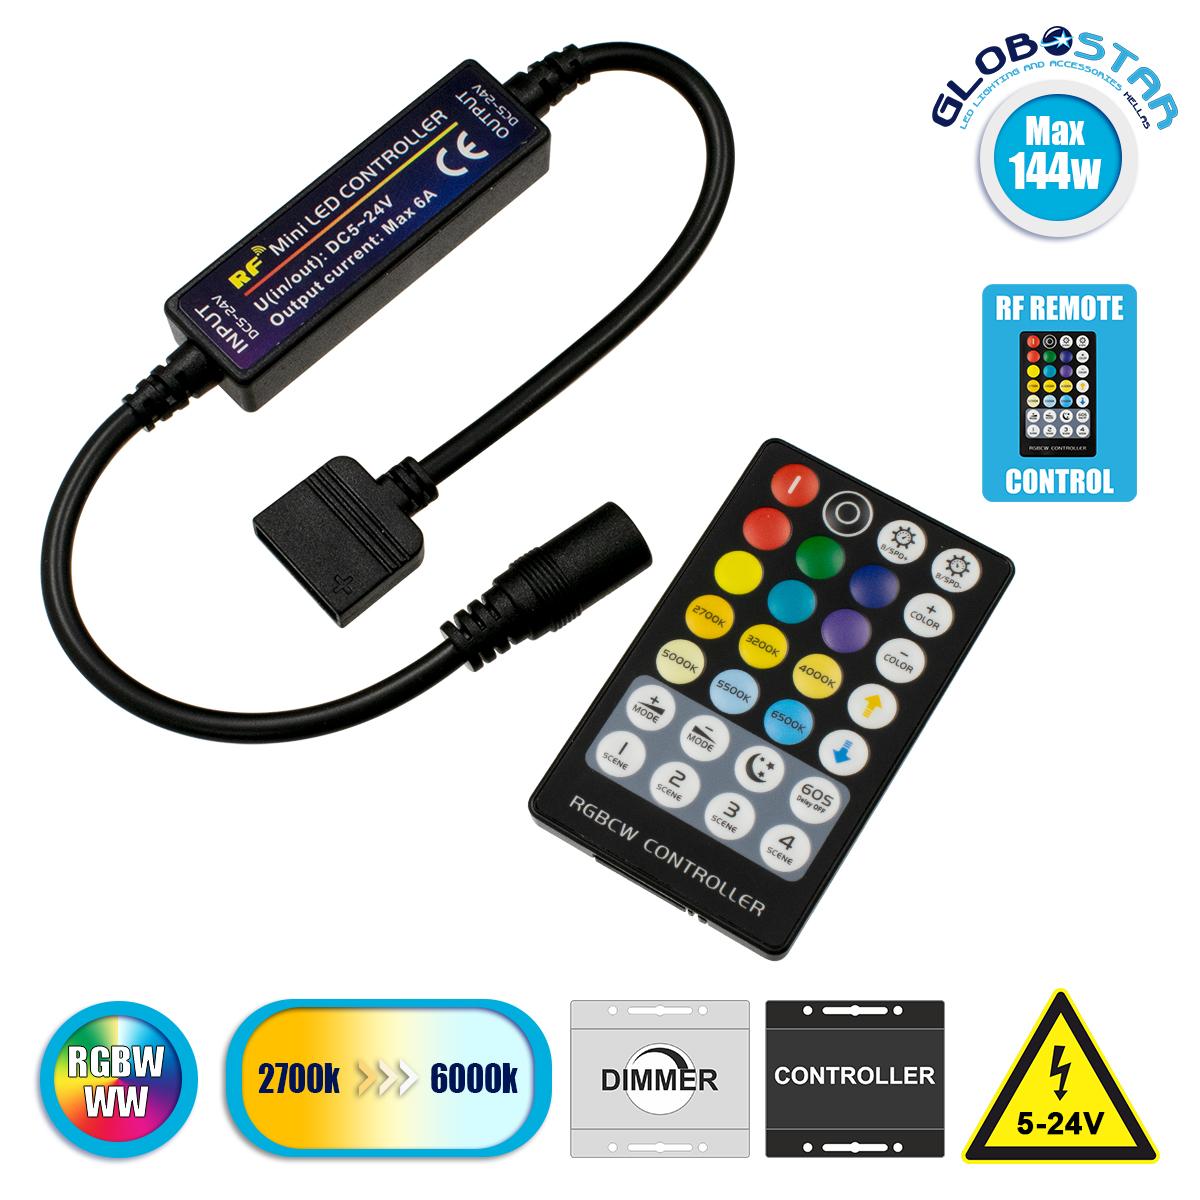 GloboStar® 73427 Ασύρματος LED RGBW + WW Controller με Χειριστήριο RF 2.4Ghz DC 5-24V Max 144W